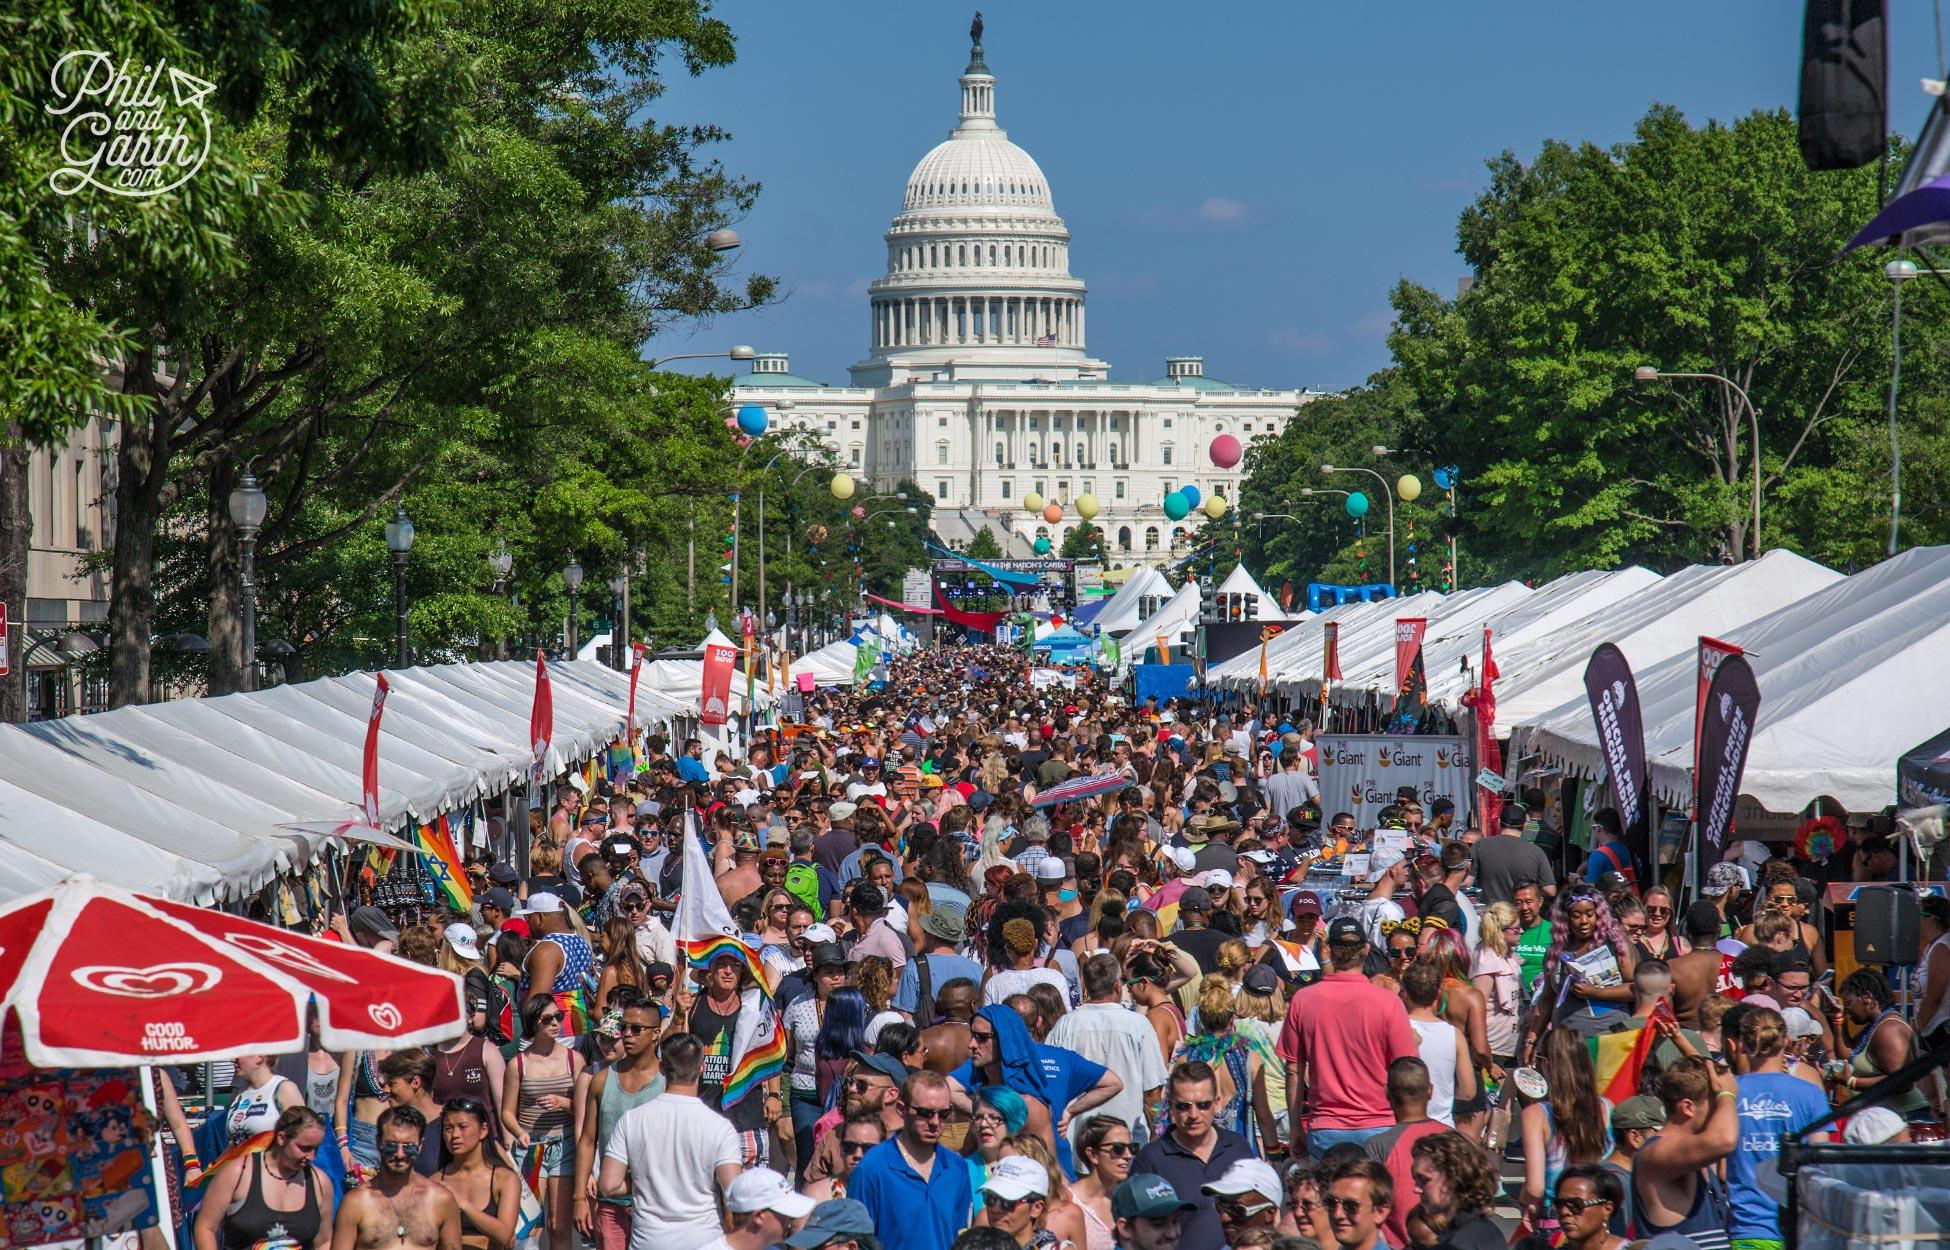 Washington's Pride Festival